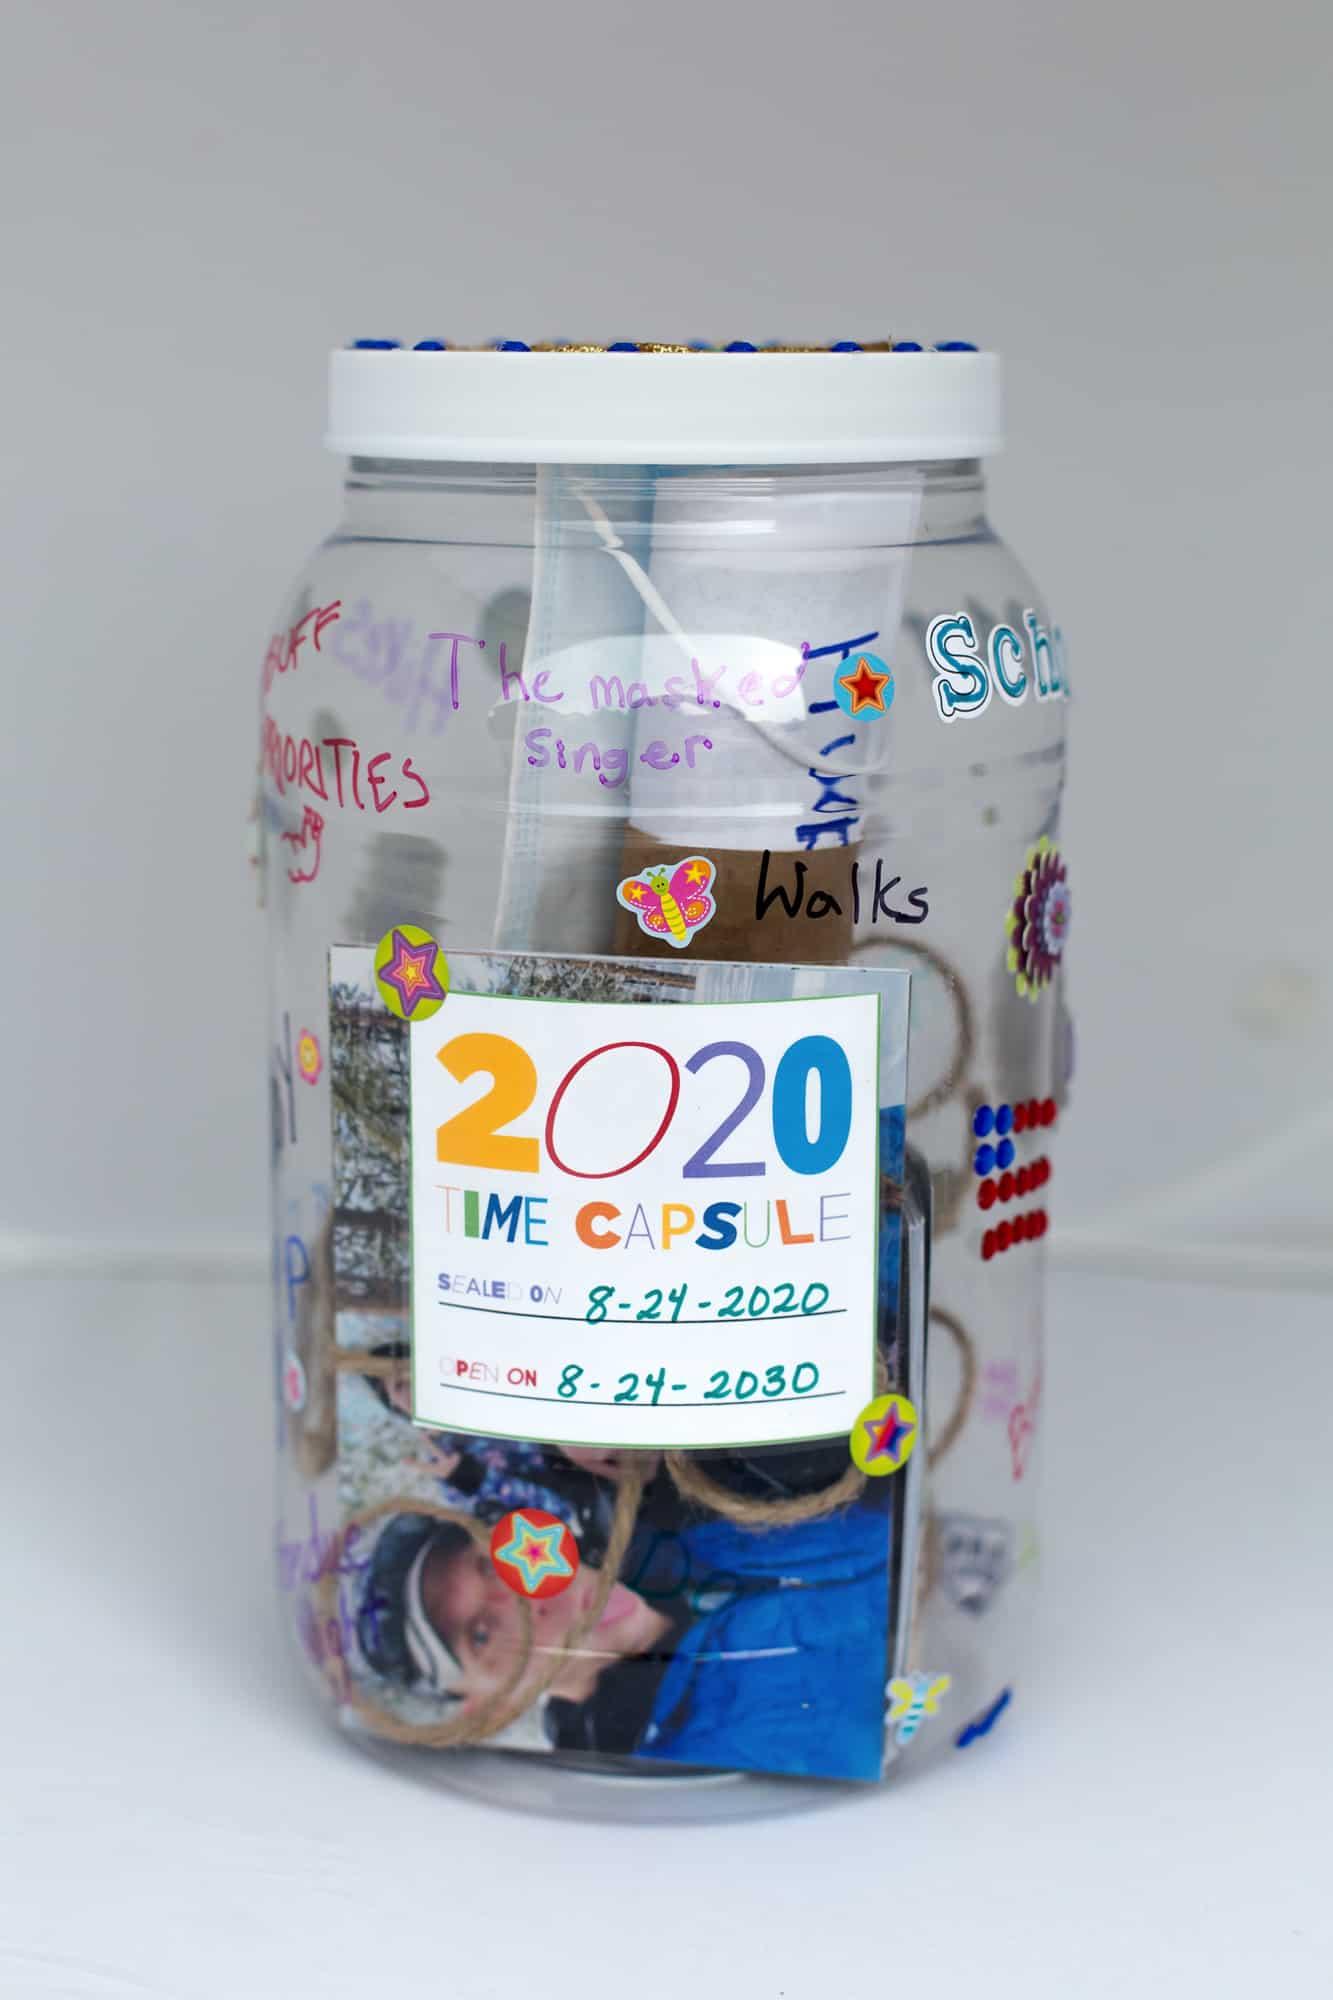 CEMtimecapsule2020FINALS-6341